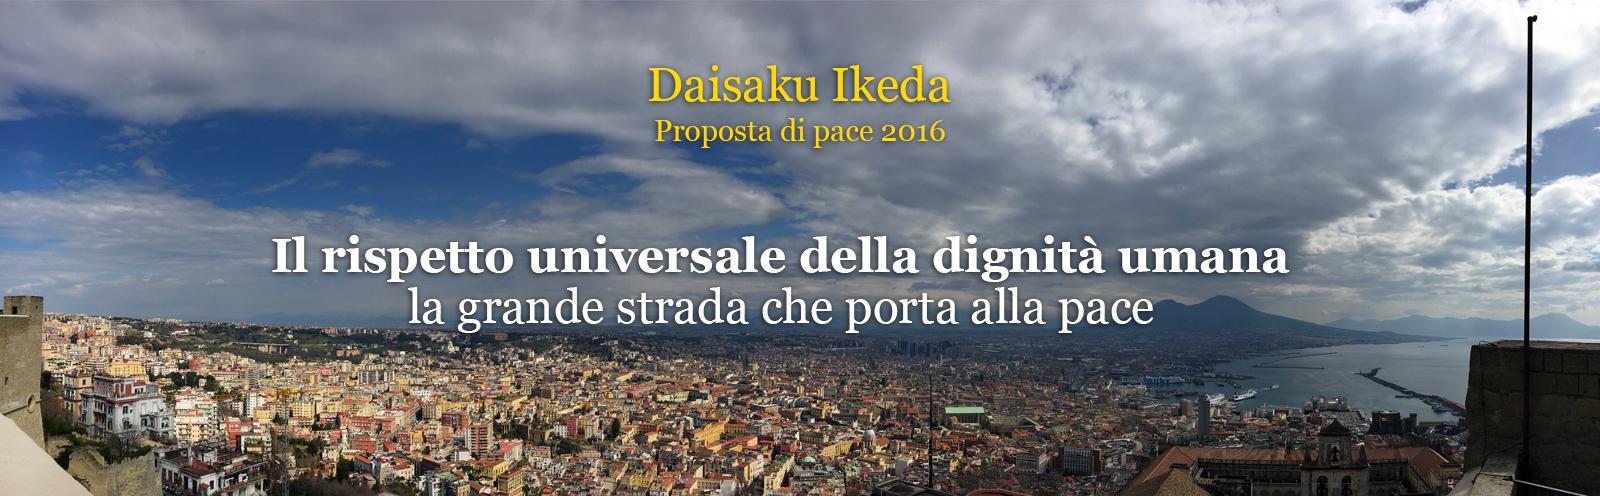 Il rispetto universale della dignità umana – la grande strada che porta alla pace